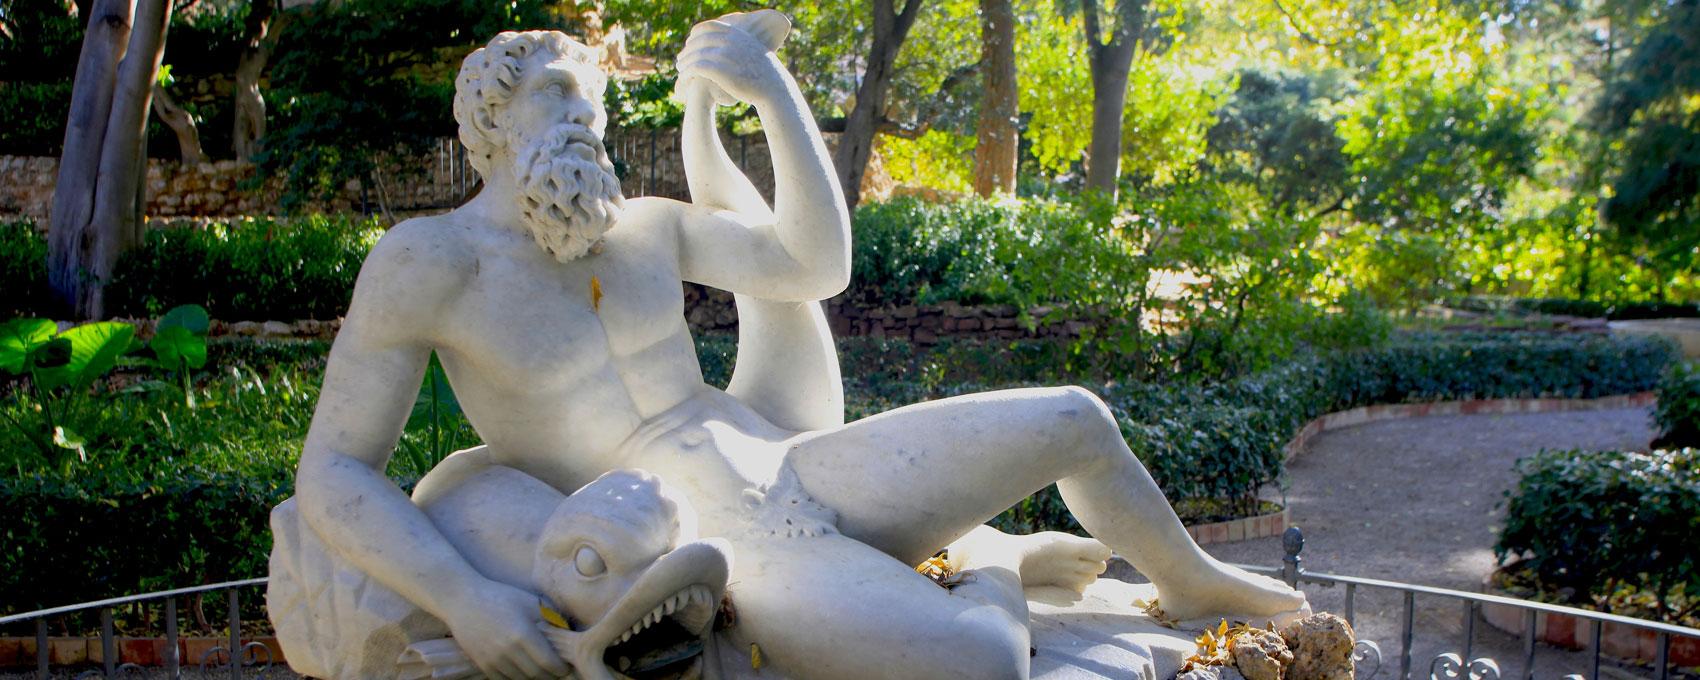 """La fuente que representa al dios Poseidón o Neptuno está situada al pie de la """"Montañita"""" y junto a la entrada de la Gruta. La figura de mármol descansa sobre un pedestal realizado con guijarros."""